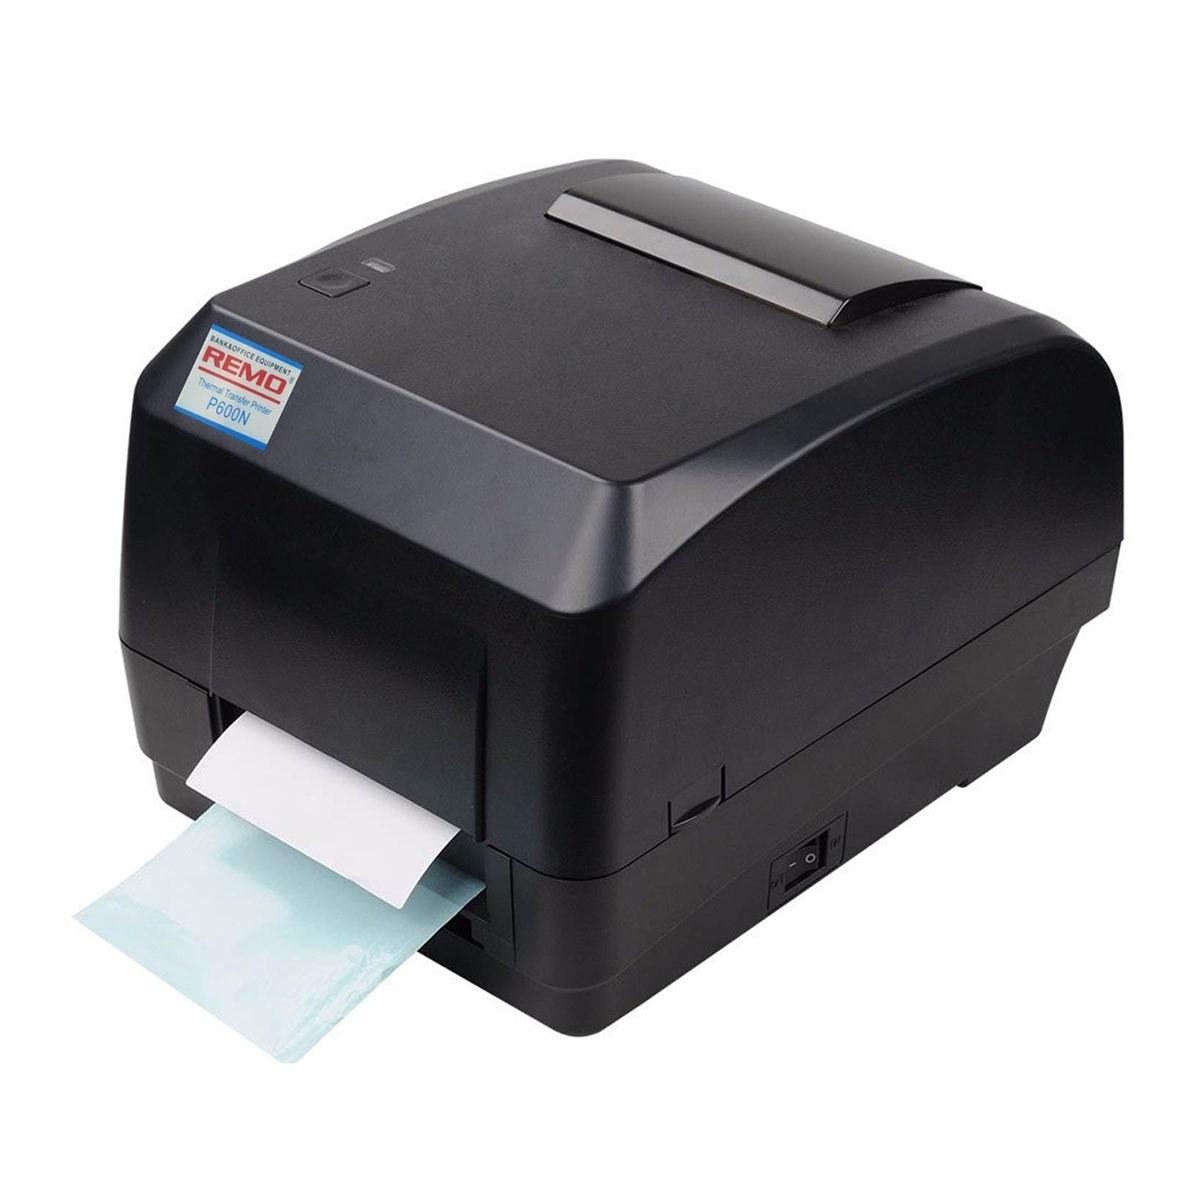 تصویر پرینتر لیبل زن رمو مدل P600N REMO P600N Label Printer